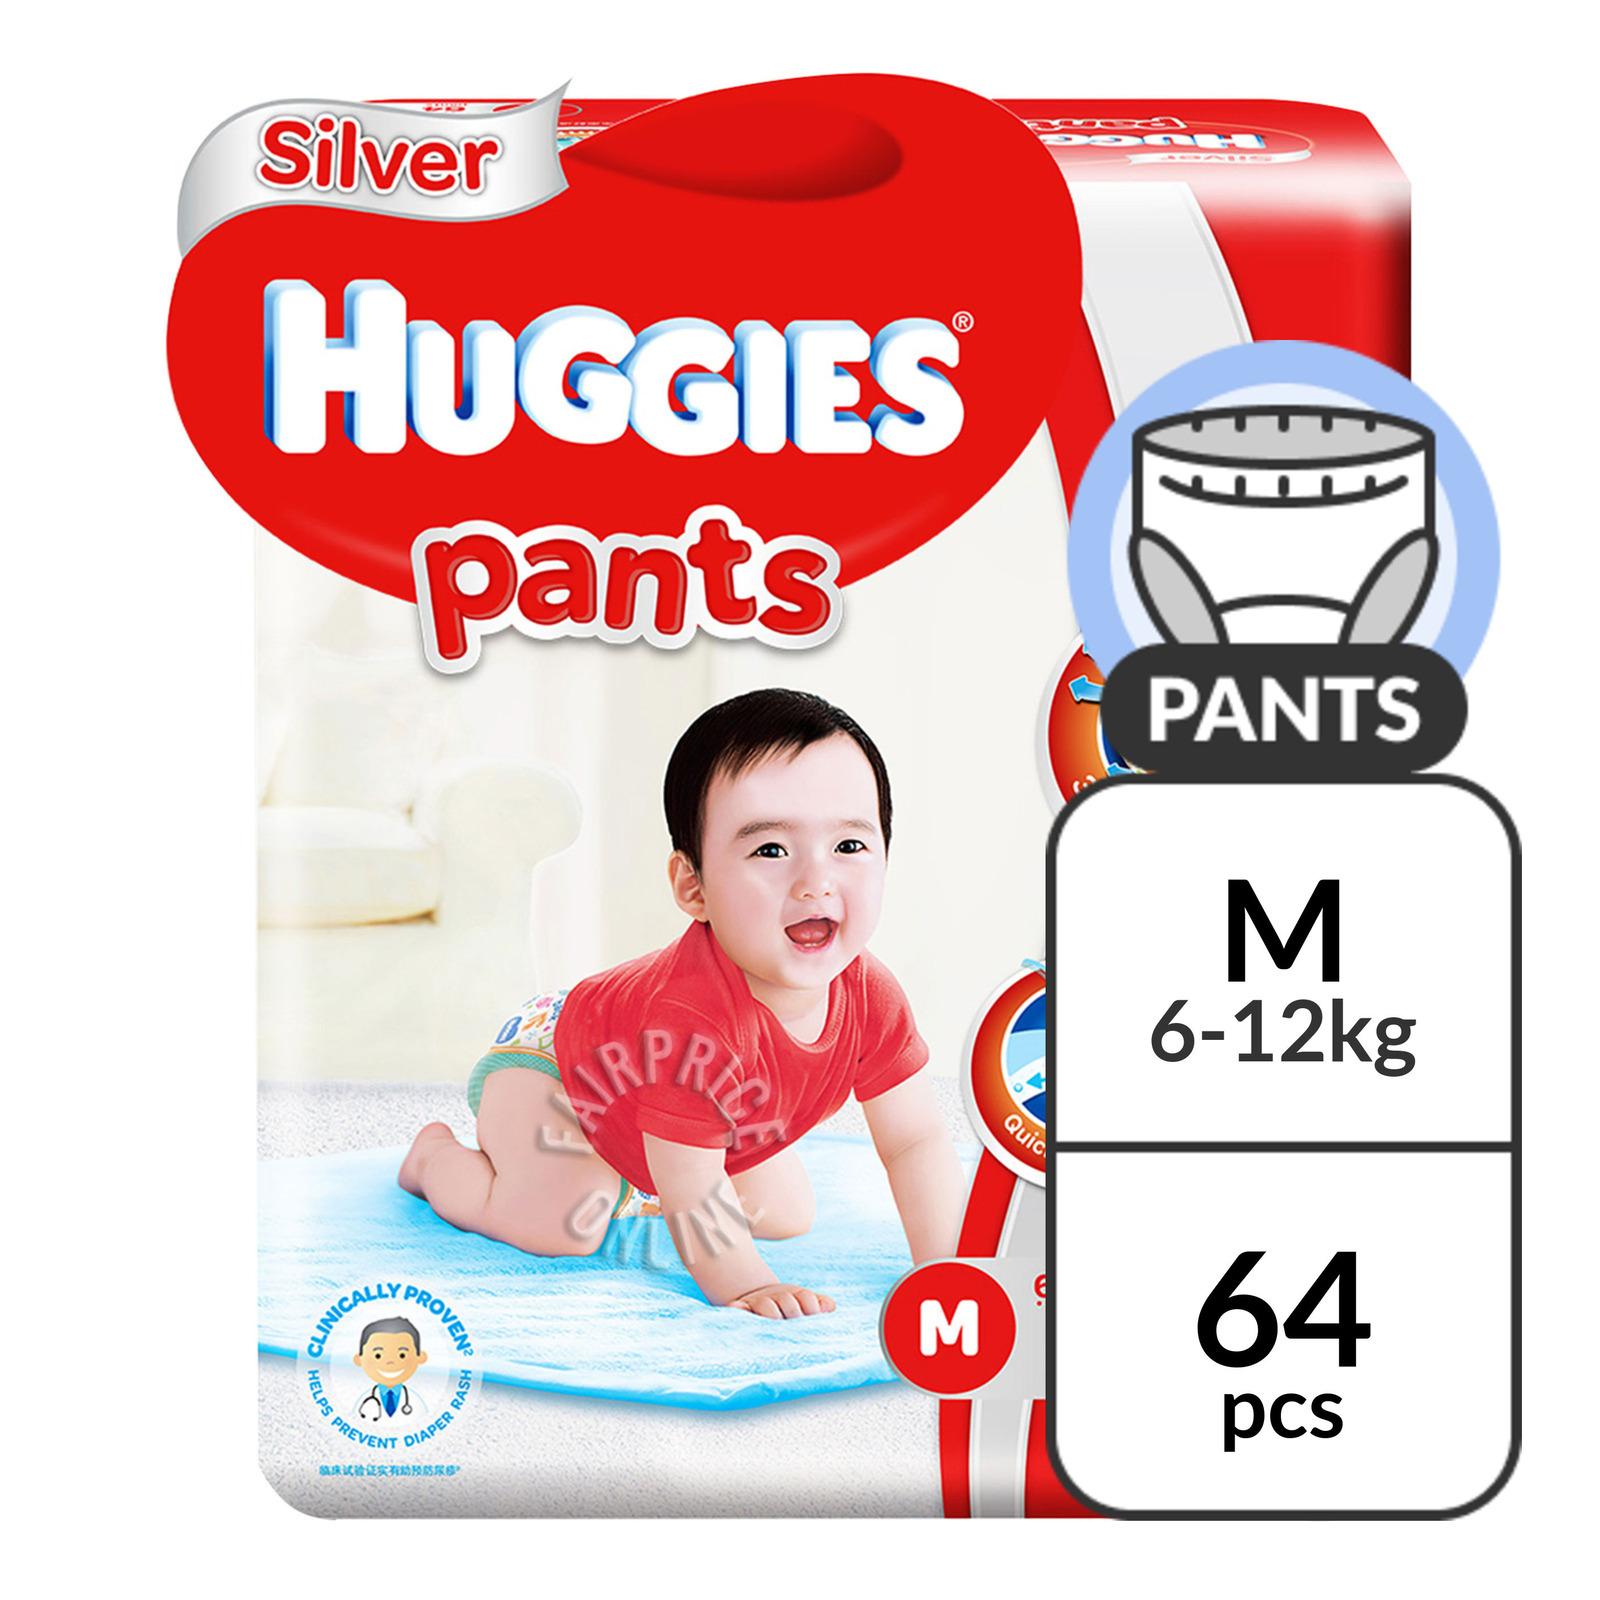 Huggies Silver Pants - M (6 - 12kg)